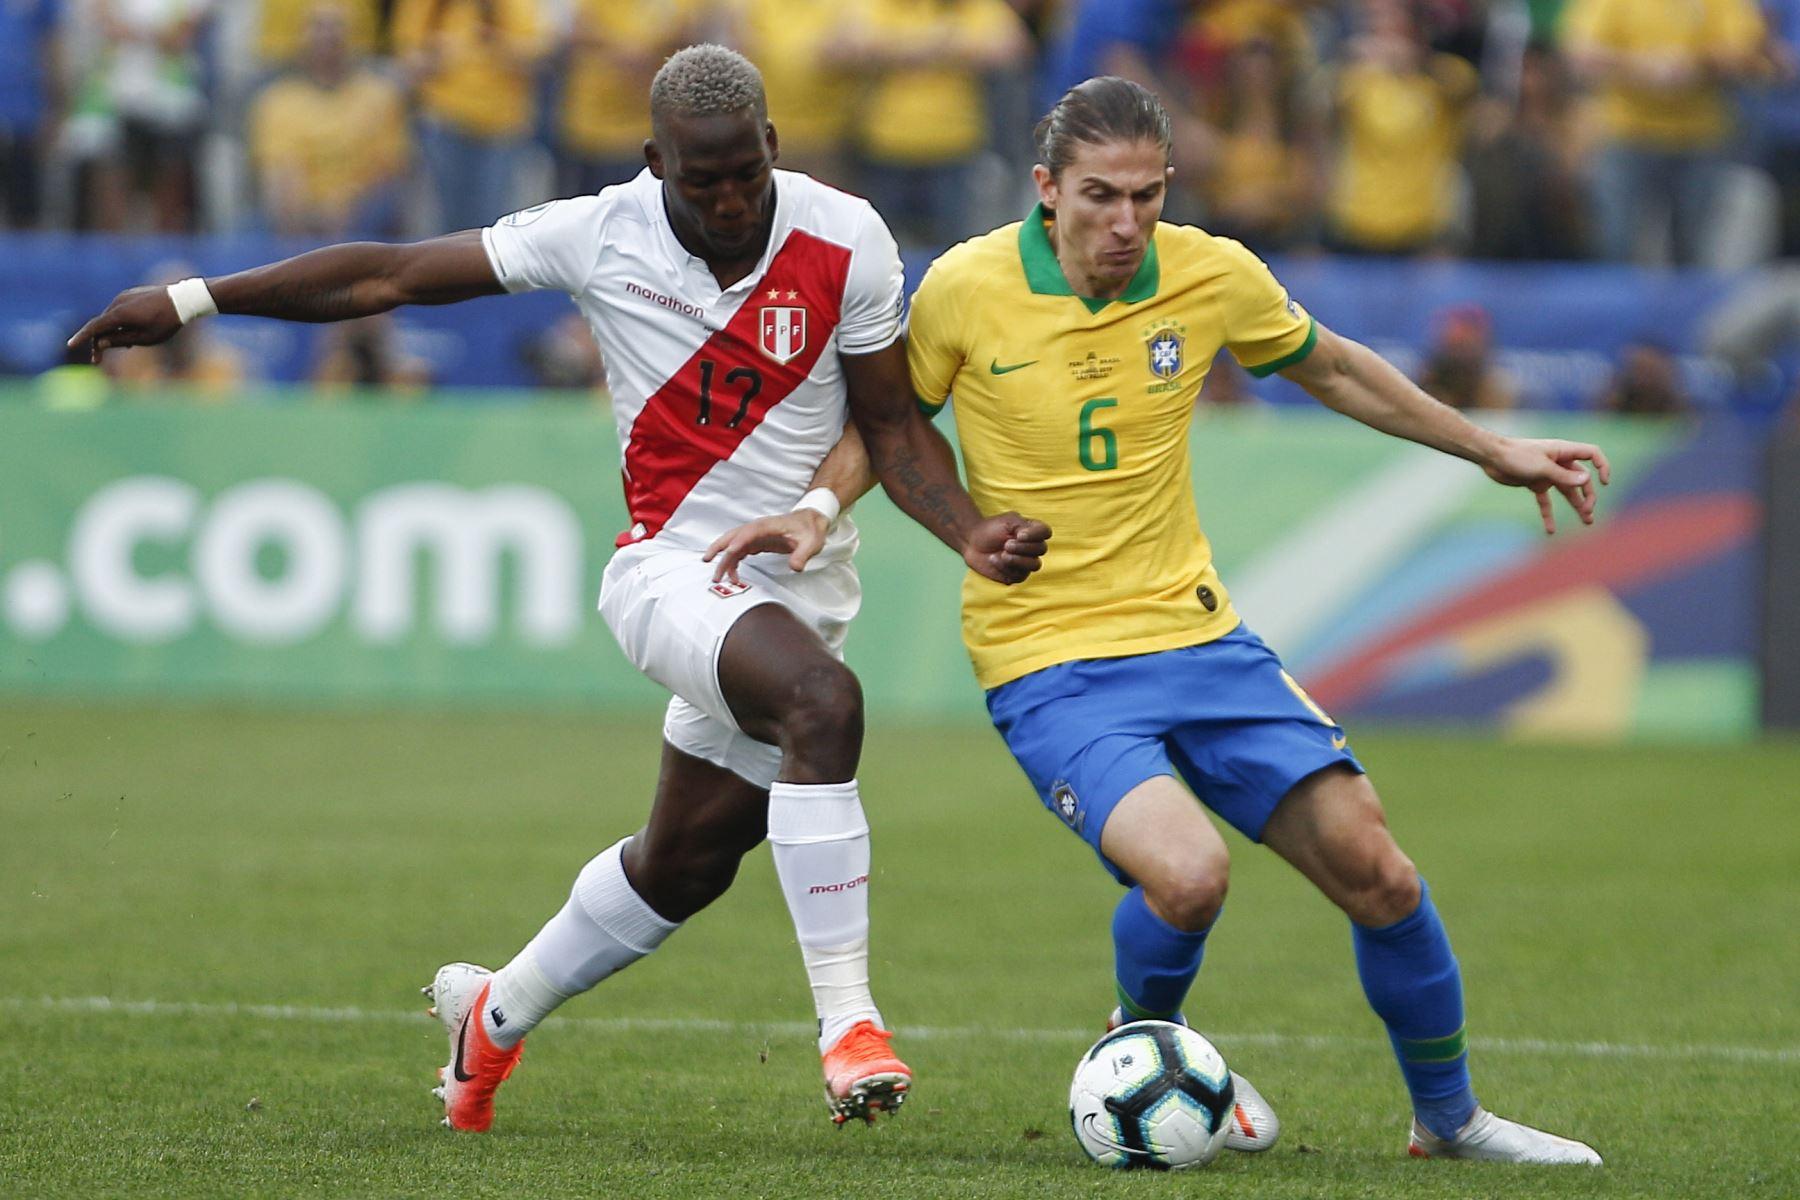 Luis Advincula (L) de Perú y Filipe Luis de Brasil compitieron por el balón durante su partido de torneo de fútbol de la Copa América. Foto: AFP